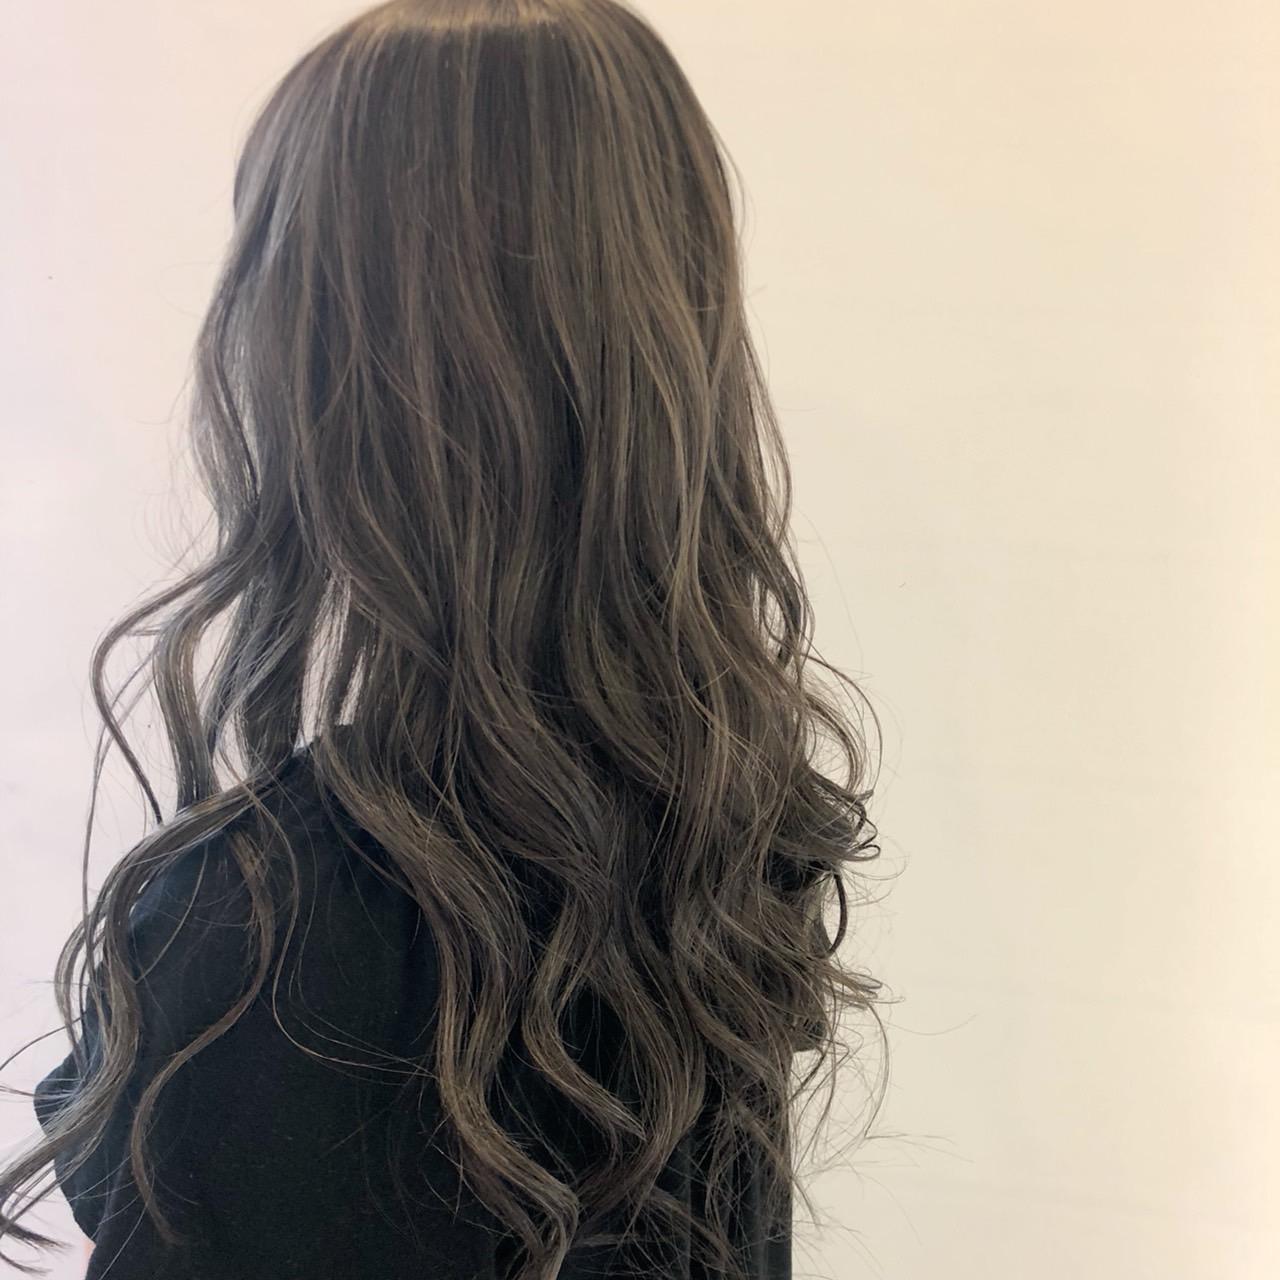 【2019年トレンドヘア】ハイライトカラーで抜け感をプラスせよ♡